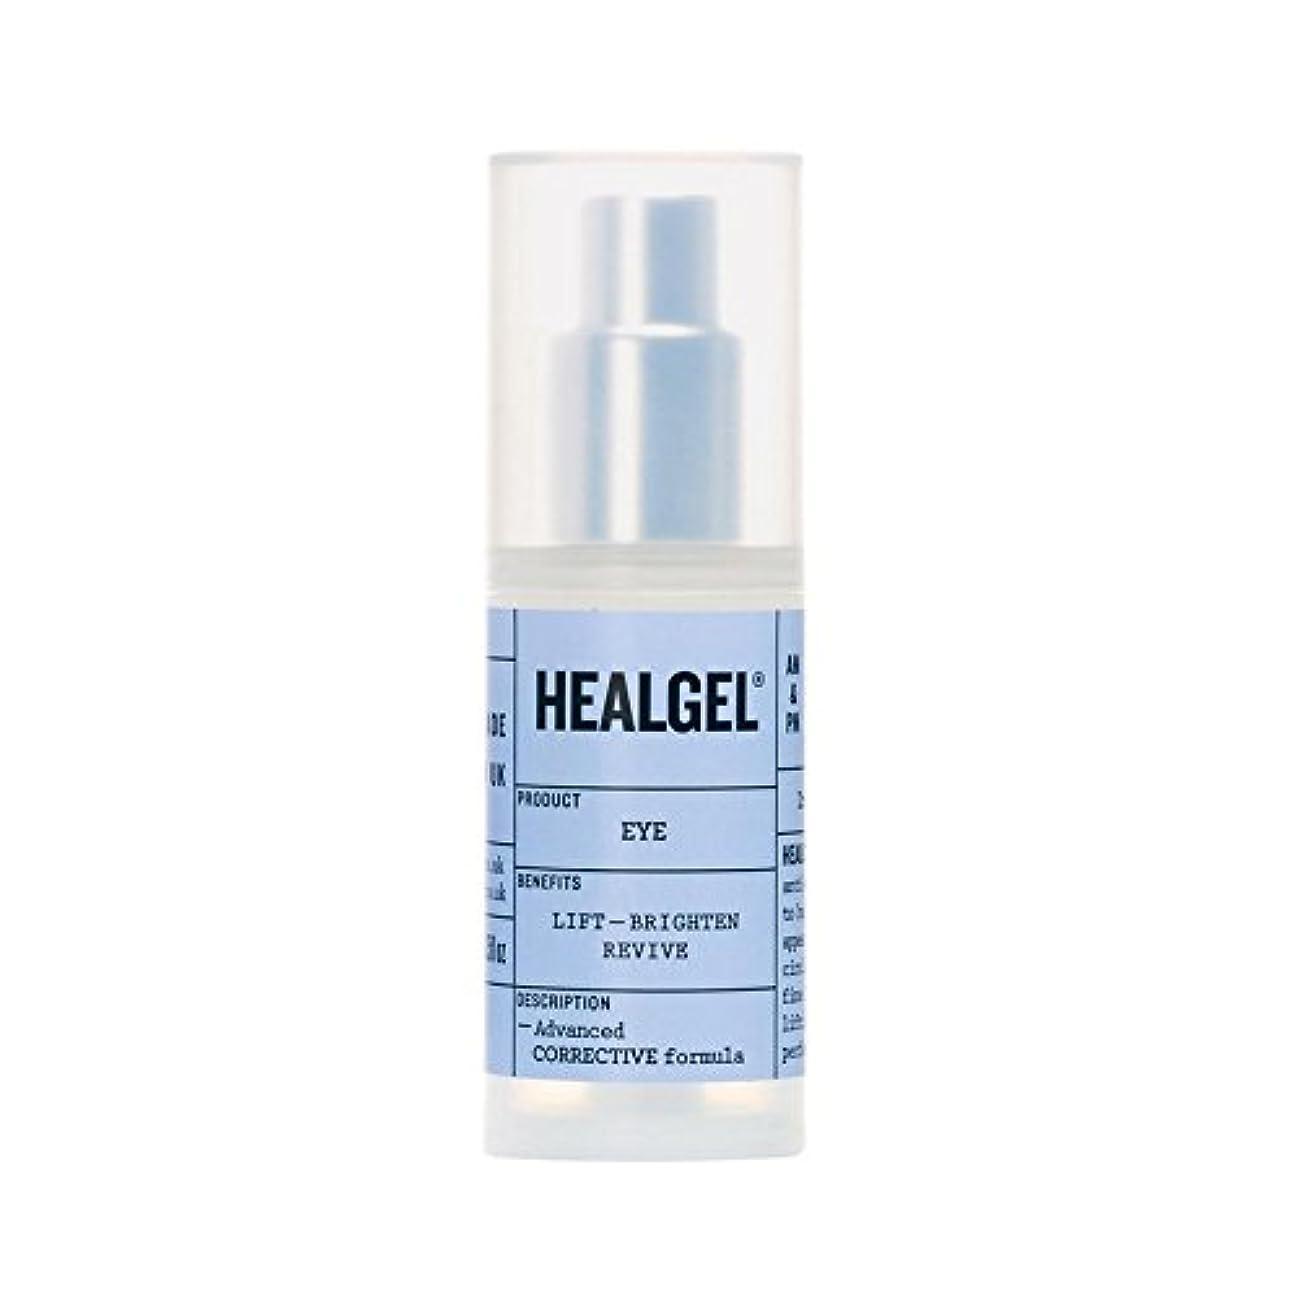 Heal Gel Brightening Eye Formula 15ml - ゲル白眼式15ミリリットルを癒します [並行輸入品]